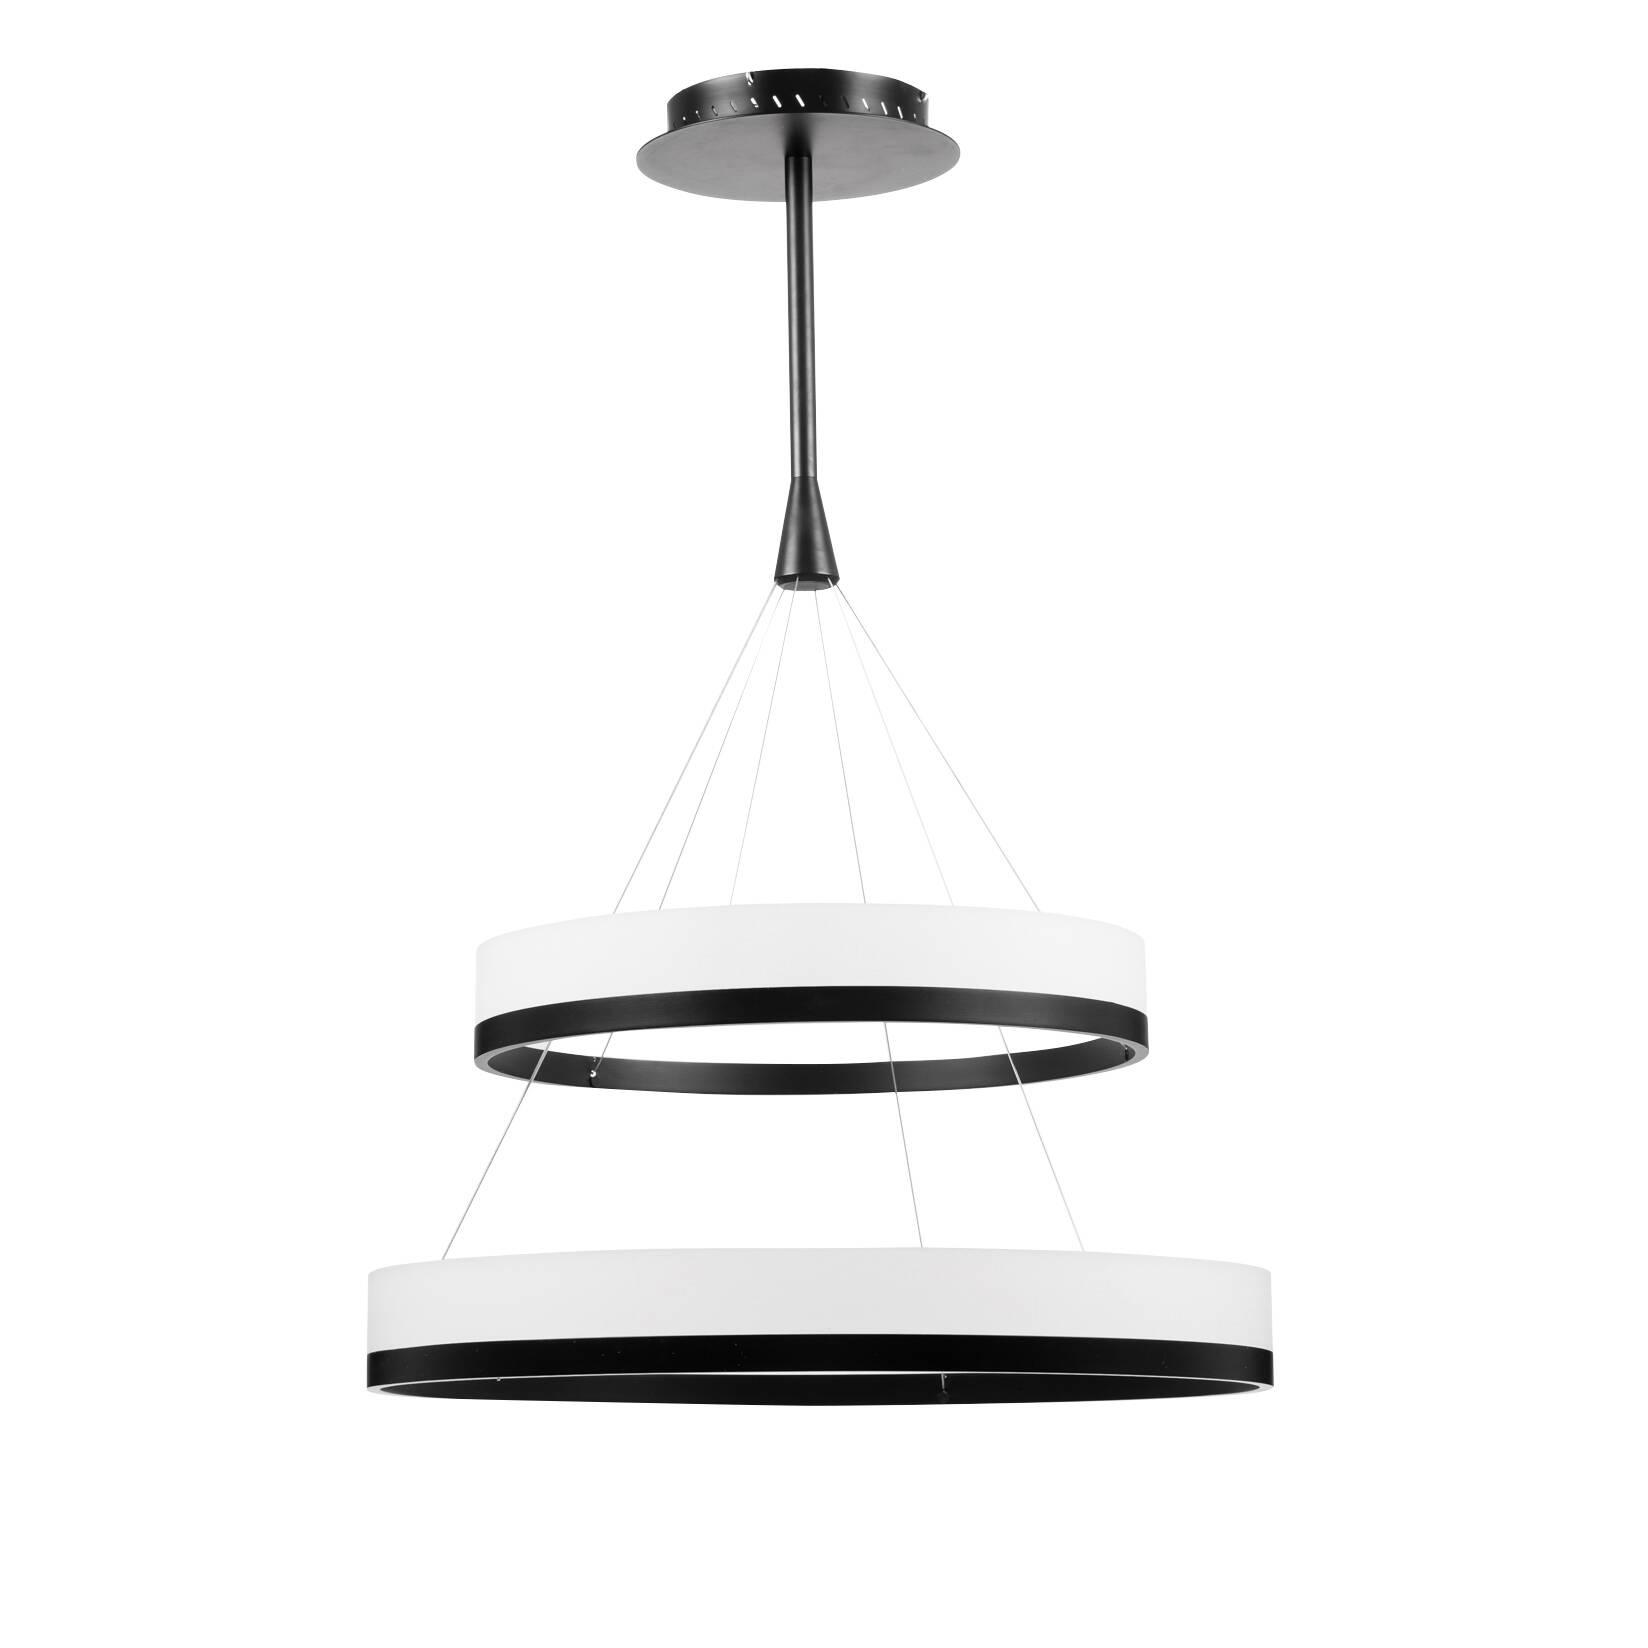 Купить Подвесной светильник Double Circle диаметр 44, Comely